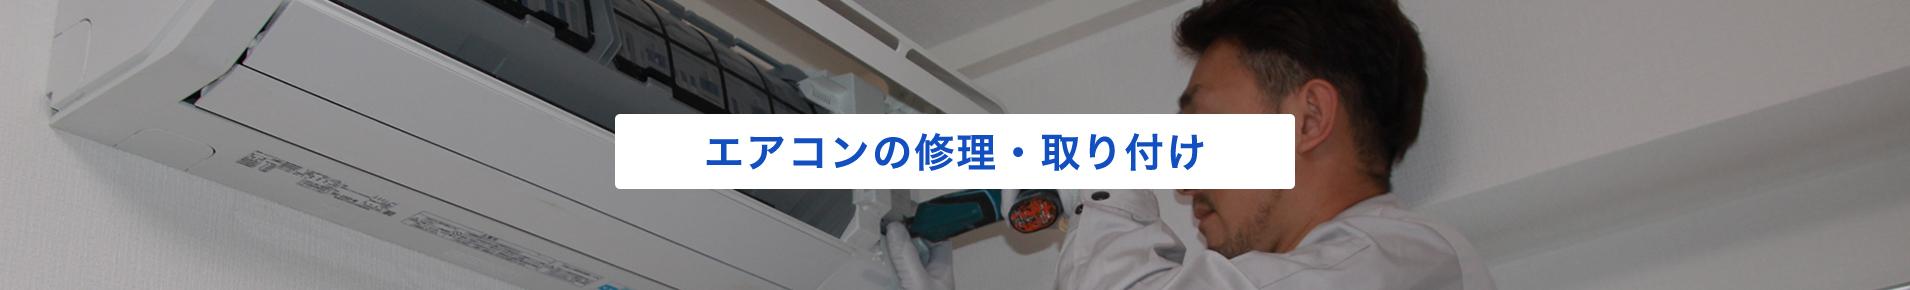 エアコンの修理・取付